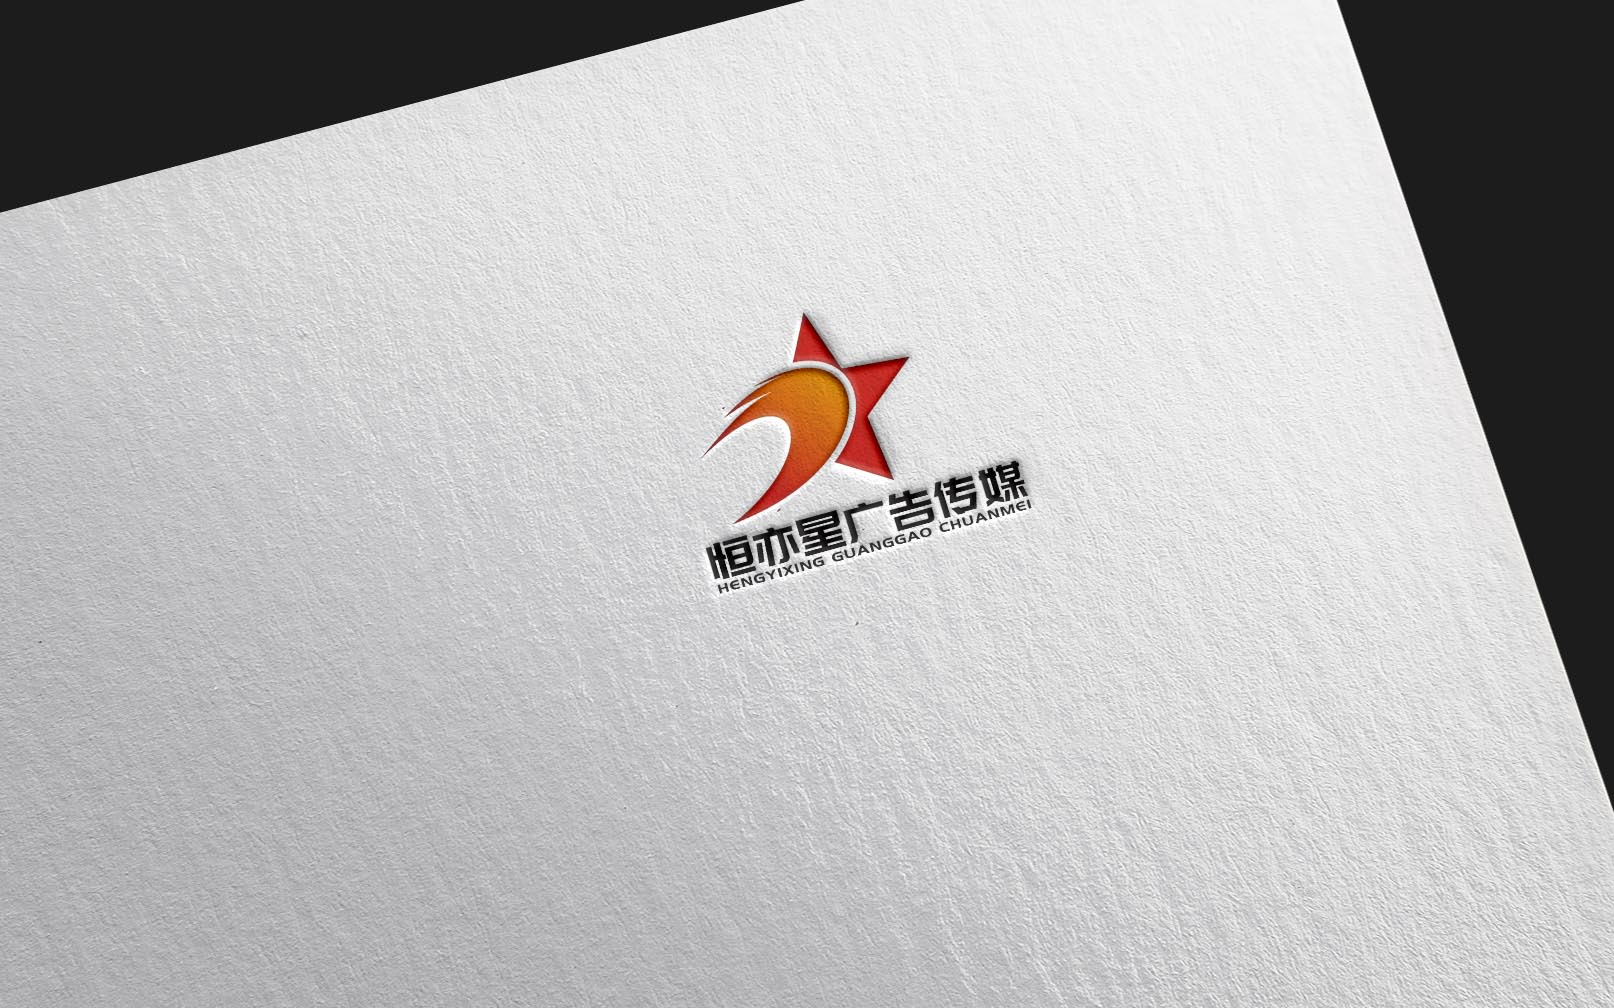 恒亦星广告传媒logo设计_3036696_k68威客网